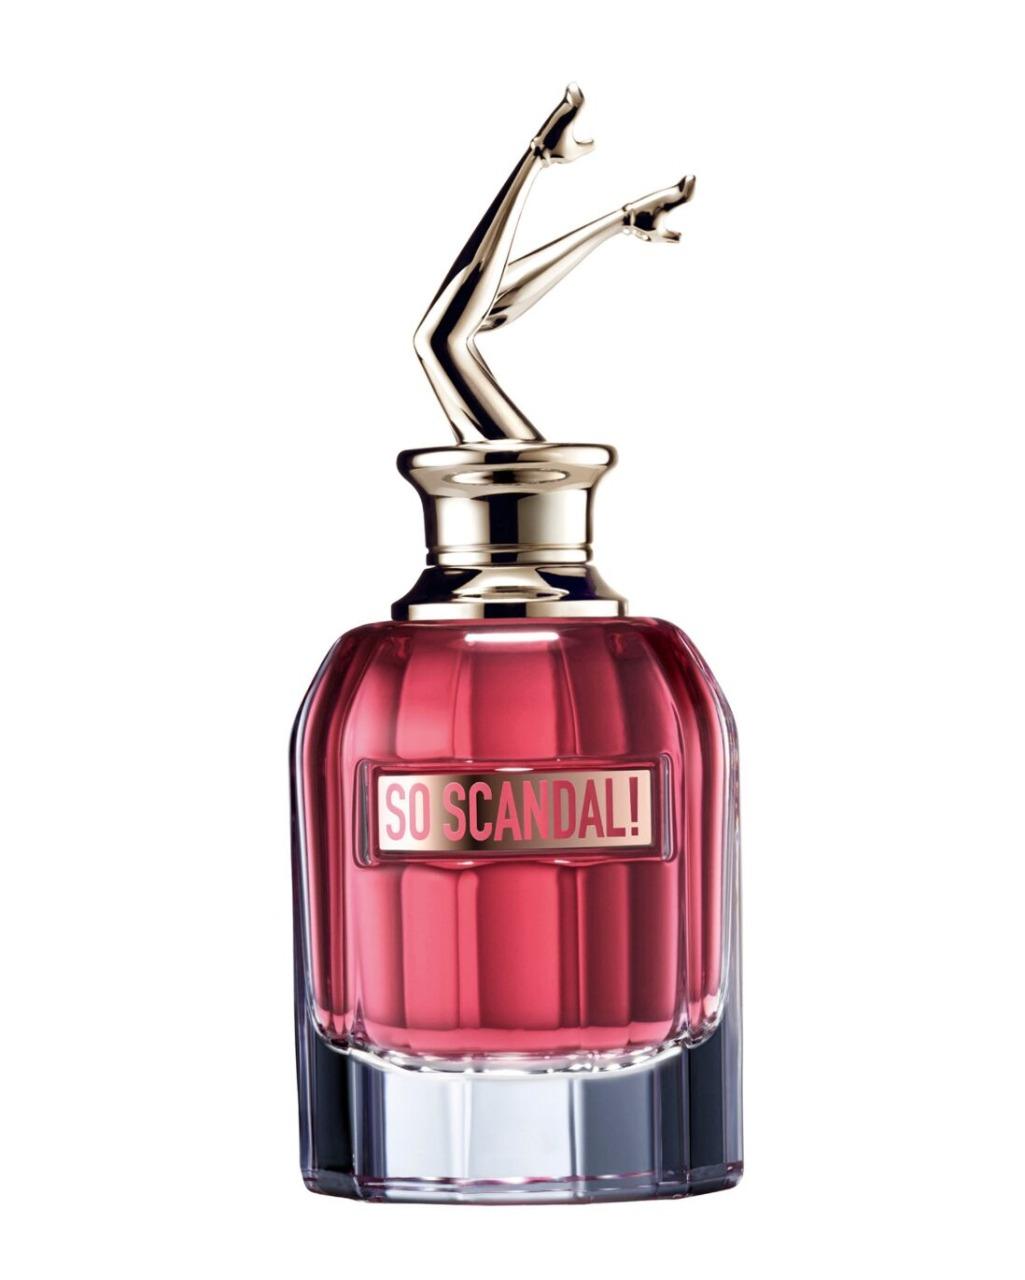 So Scandal Jean Paul Gautier Eau de Parfum 50ml